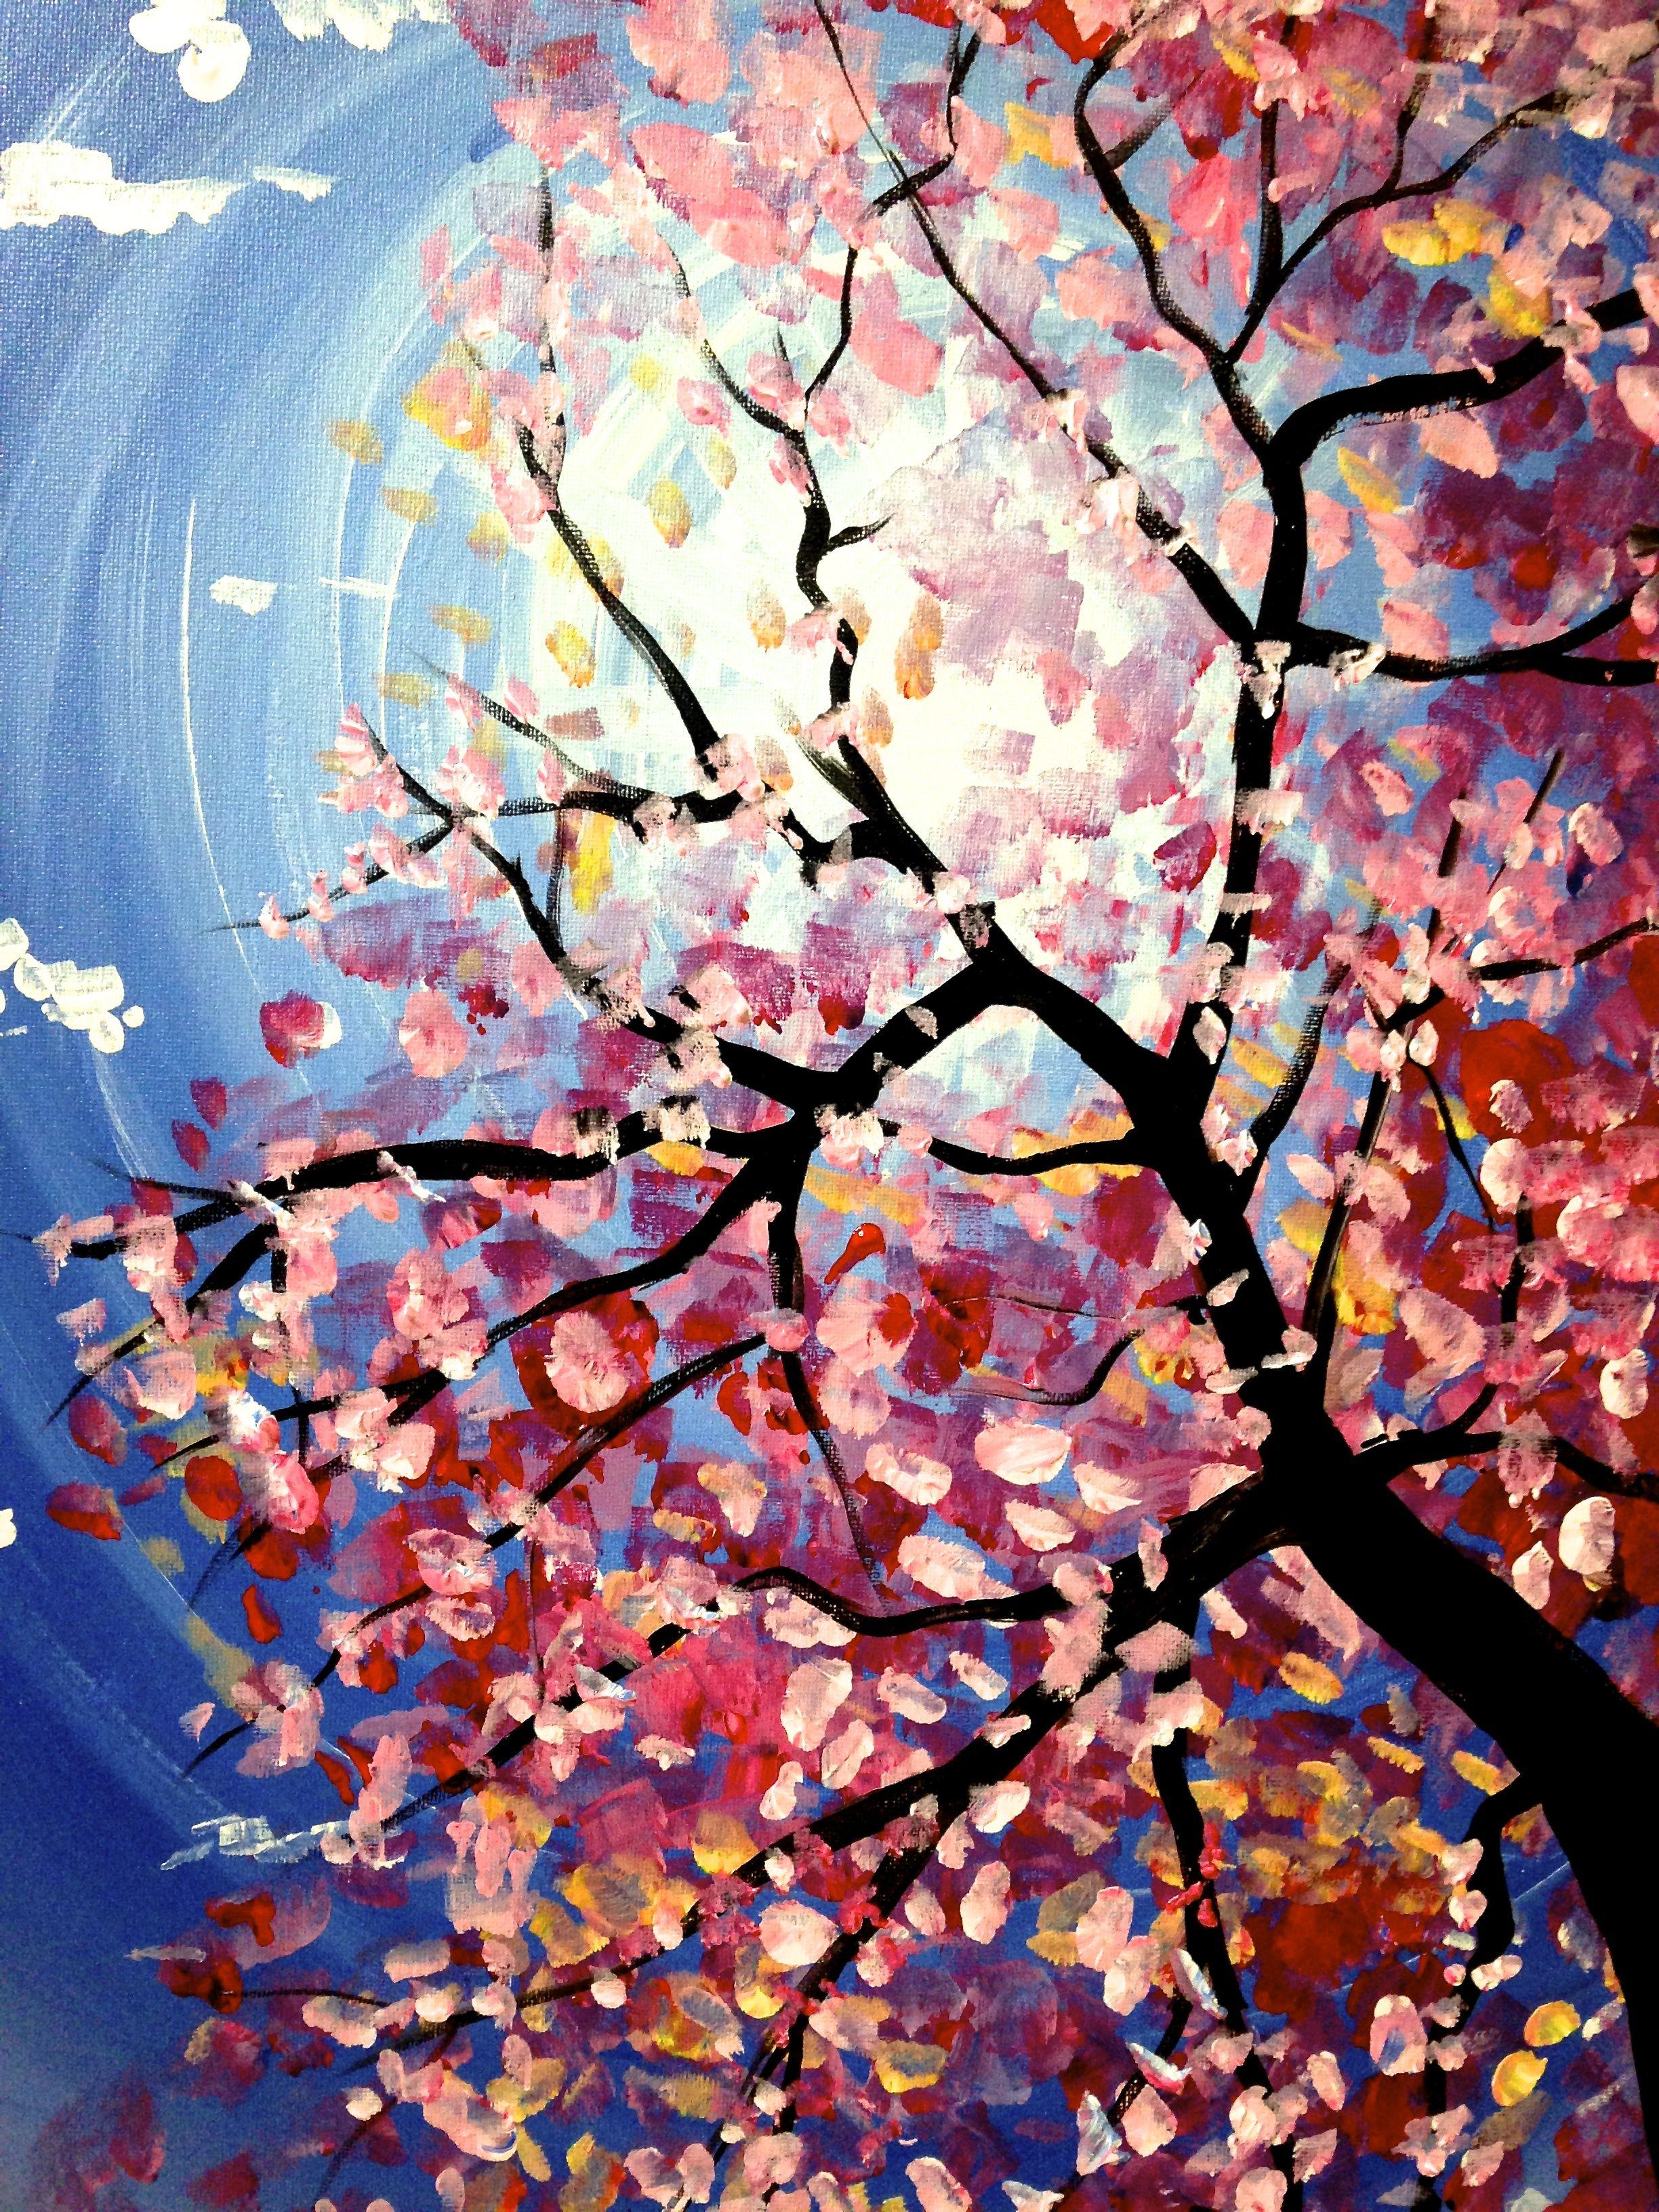 Geno S Thurs April 3 Painting Art Painting Tree Art